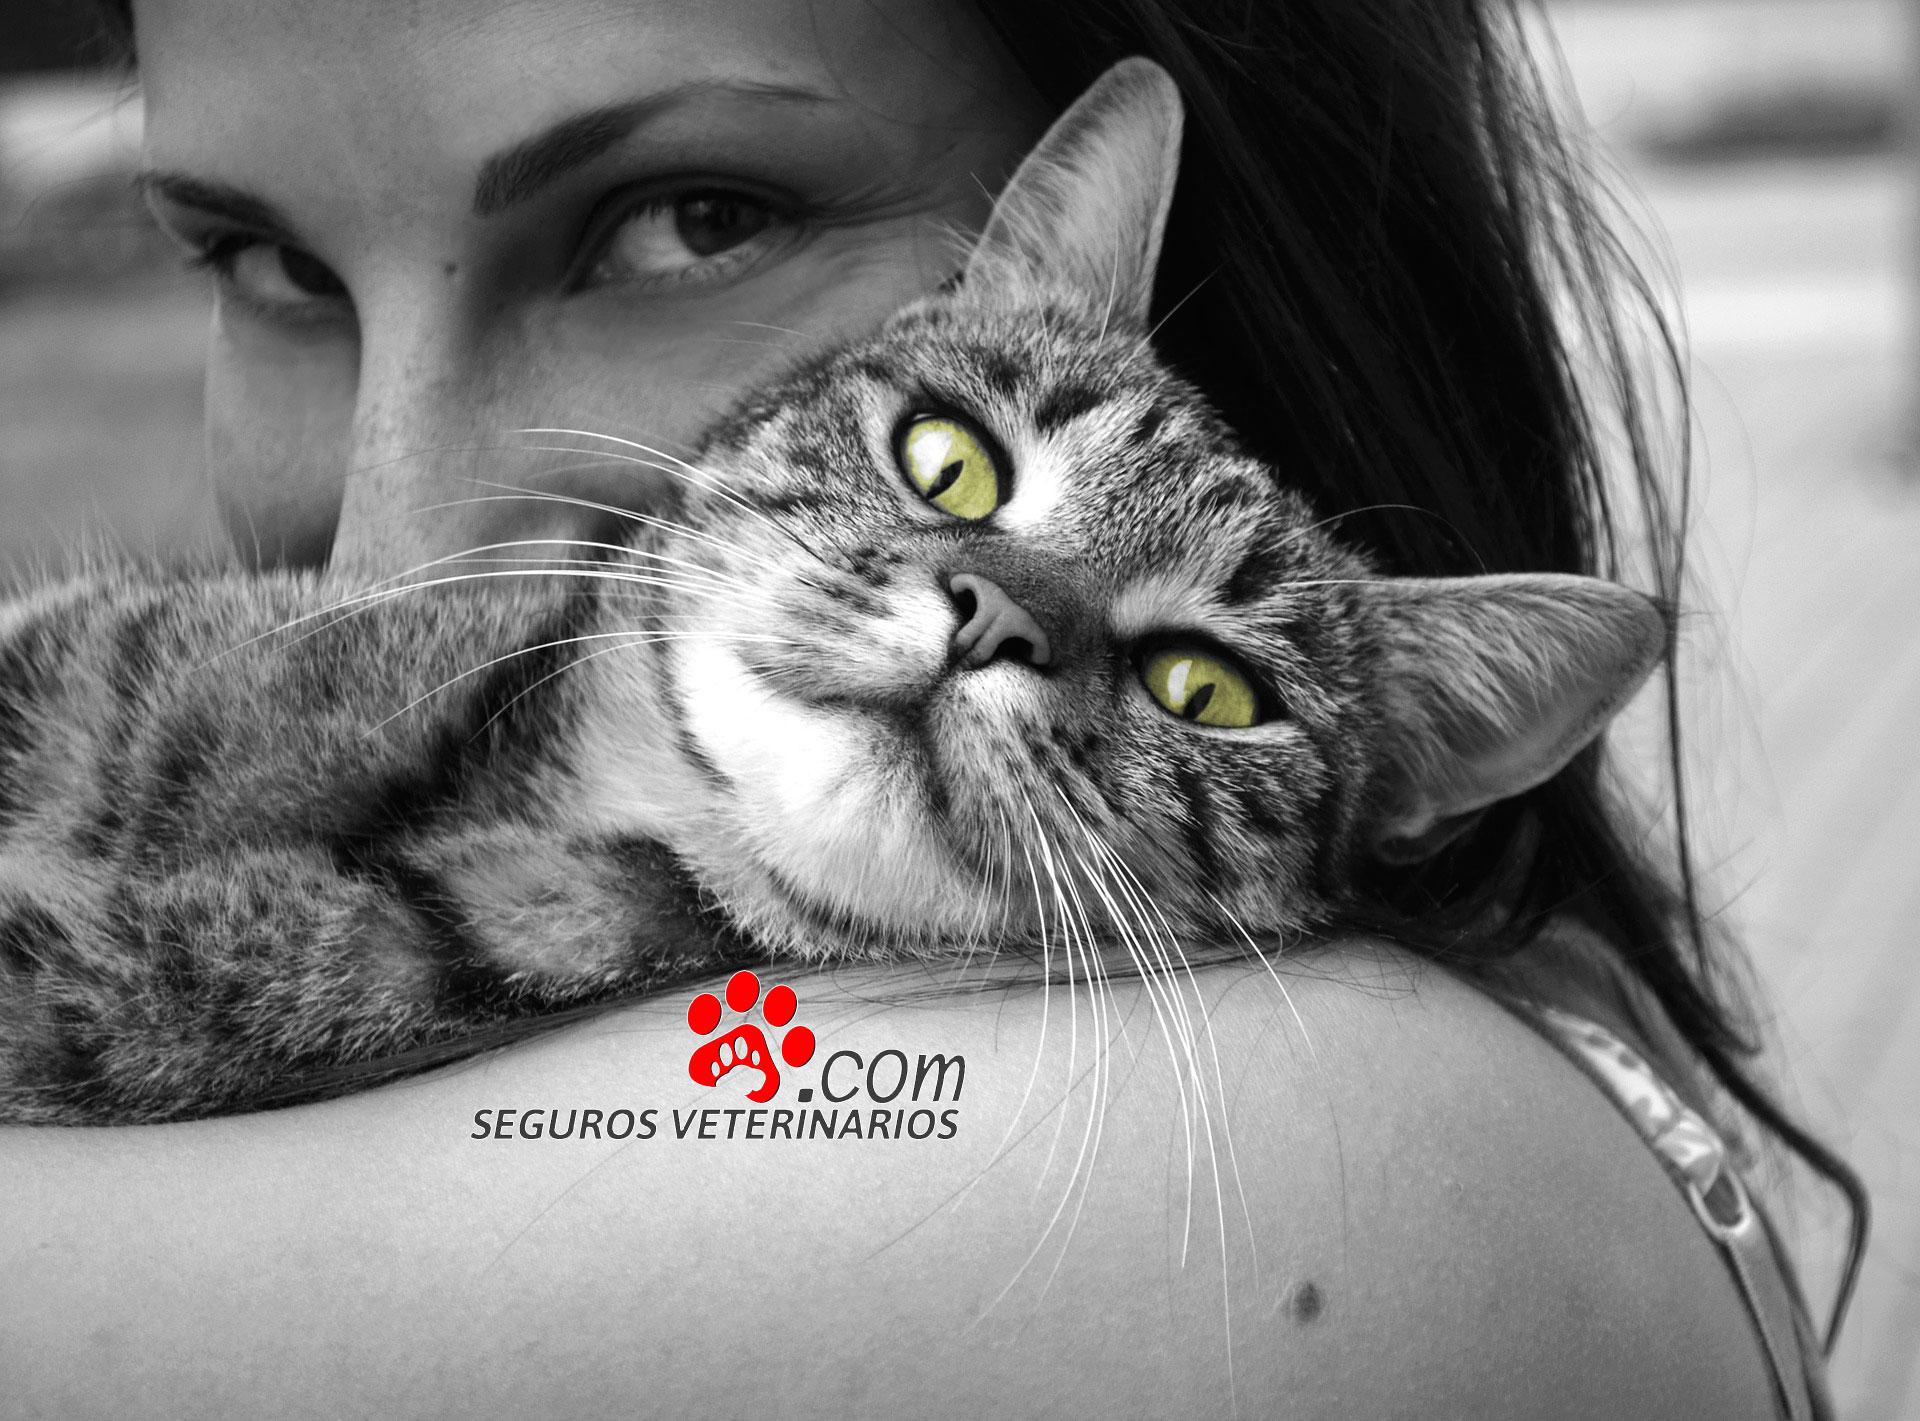 Mujer con gato, Seguros Veterinarios, seguros para perros